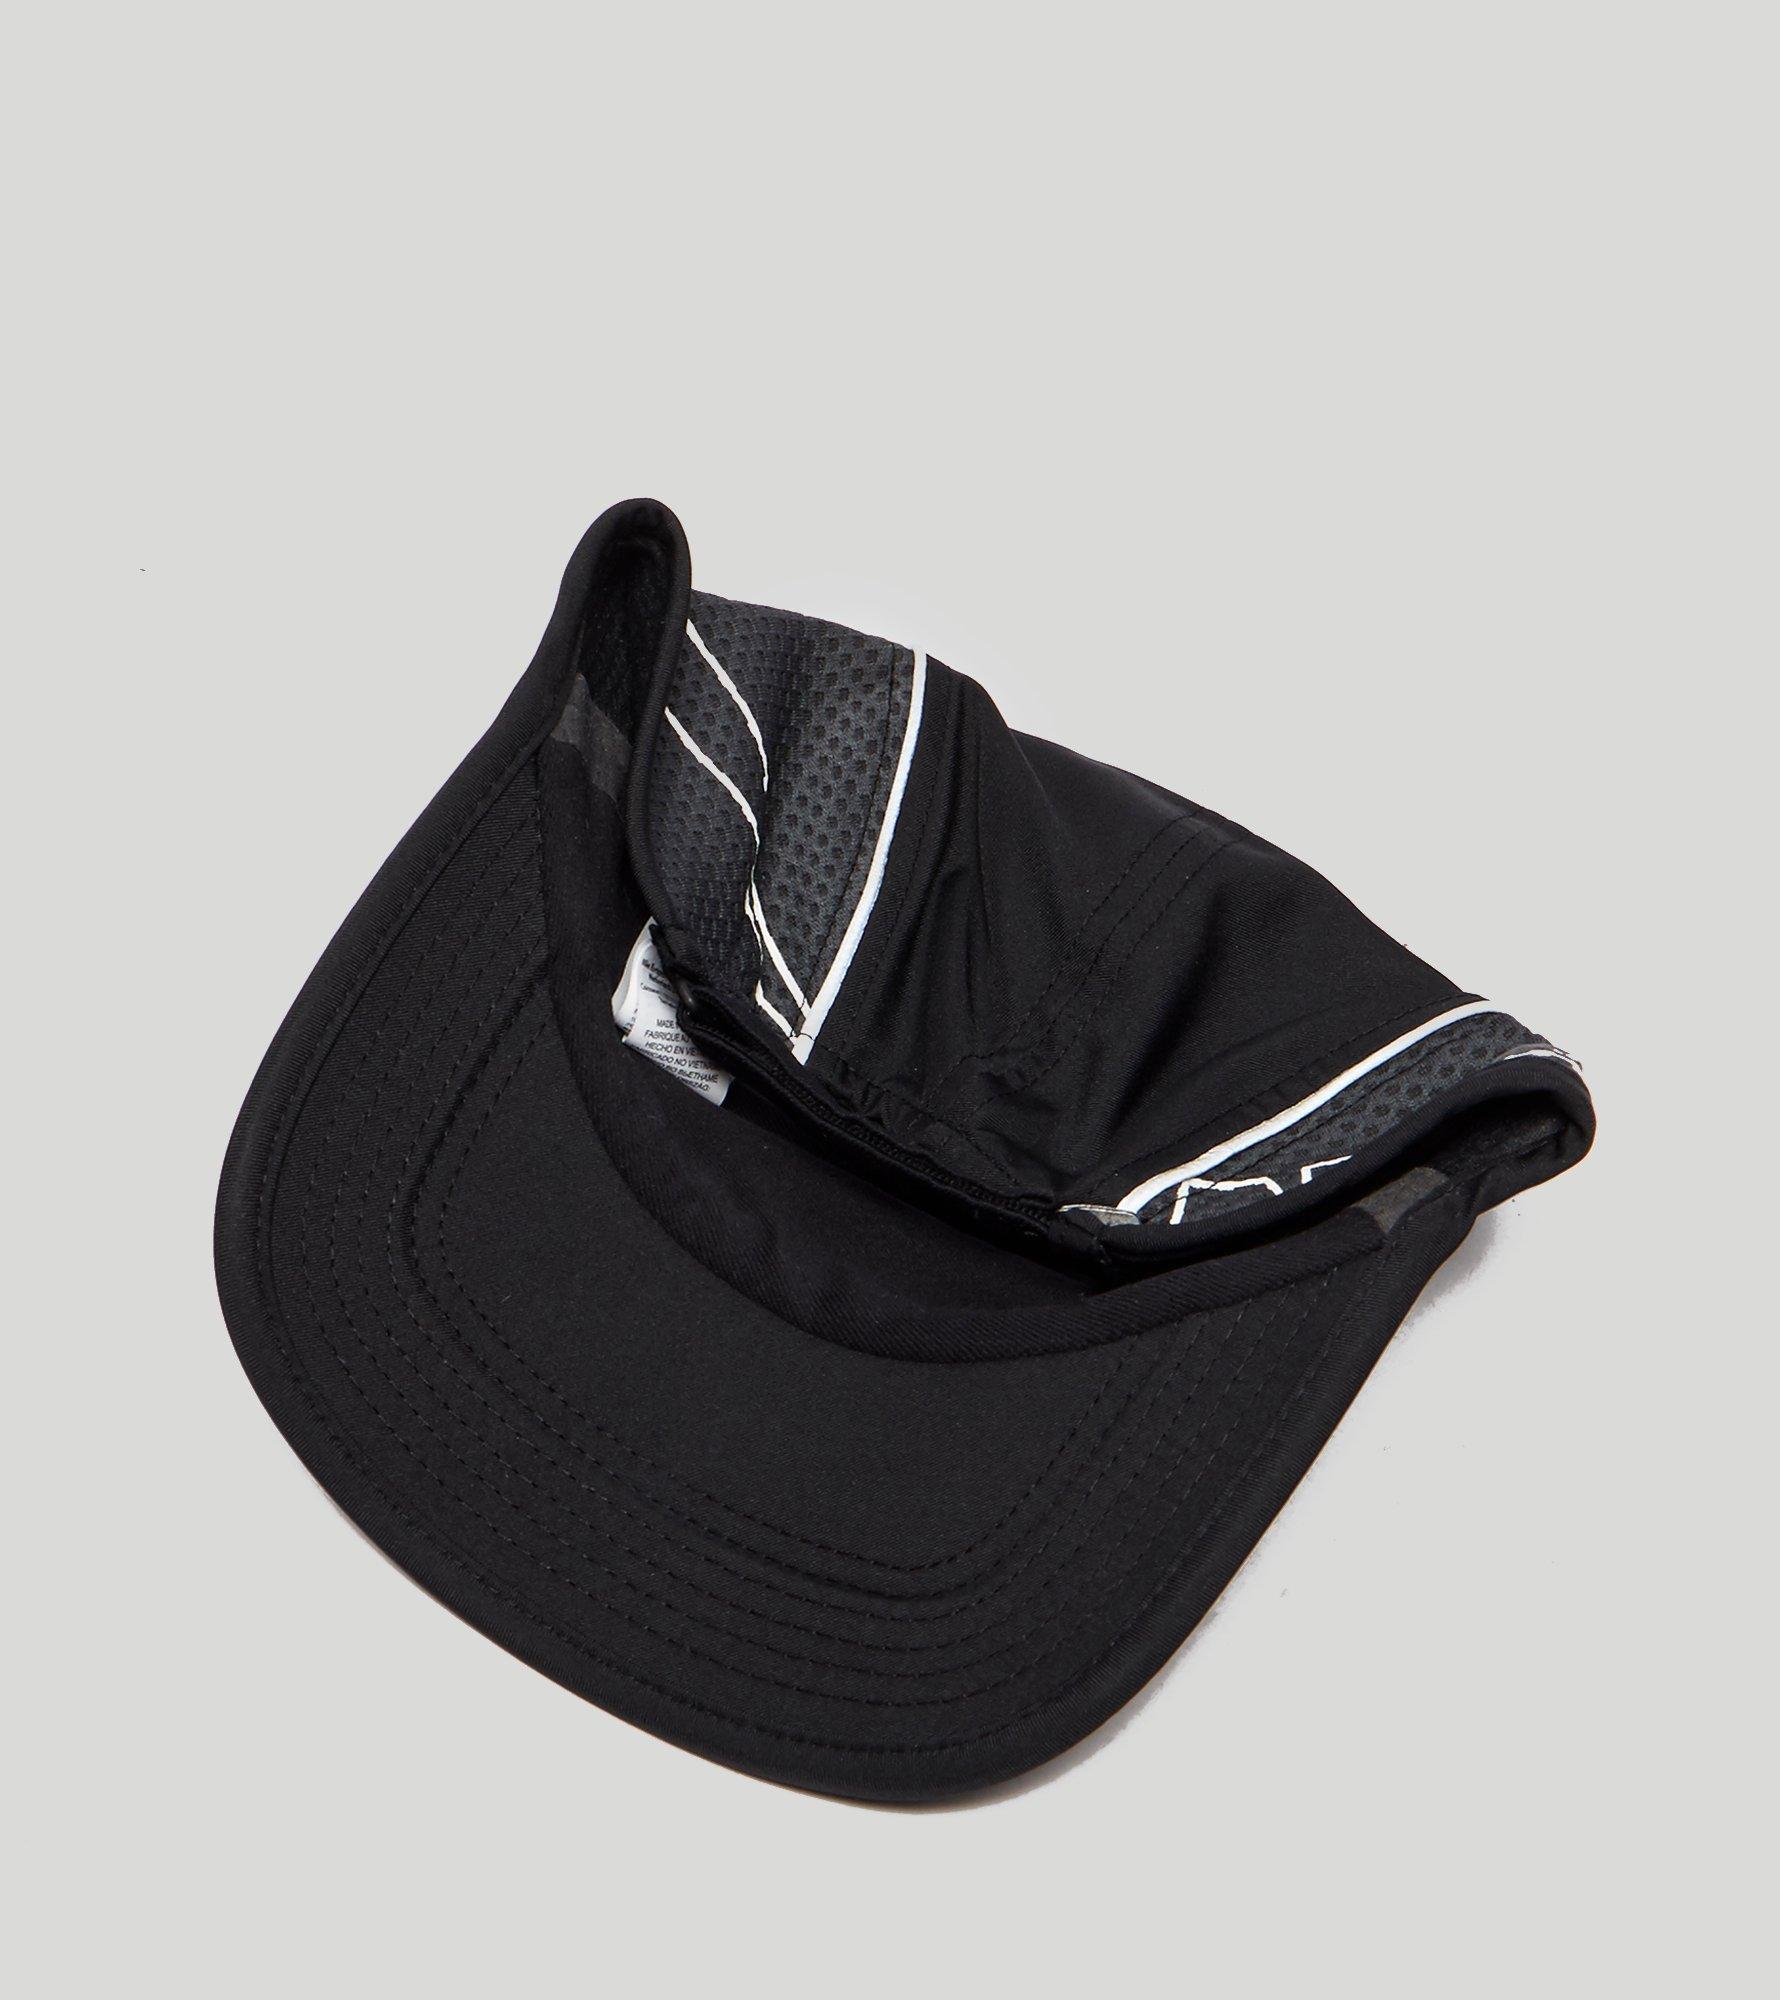 a29503a8606 Lyst - Nike Run Swoosh Curved Peak Cap in Black for Men